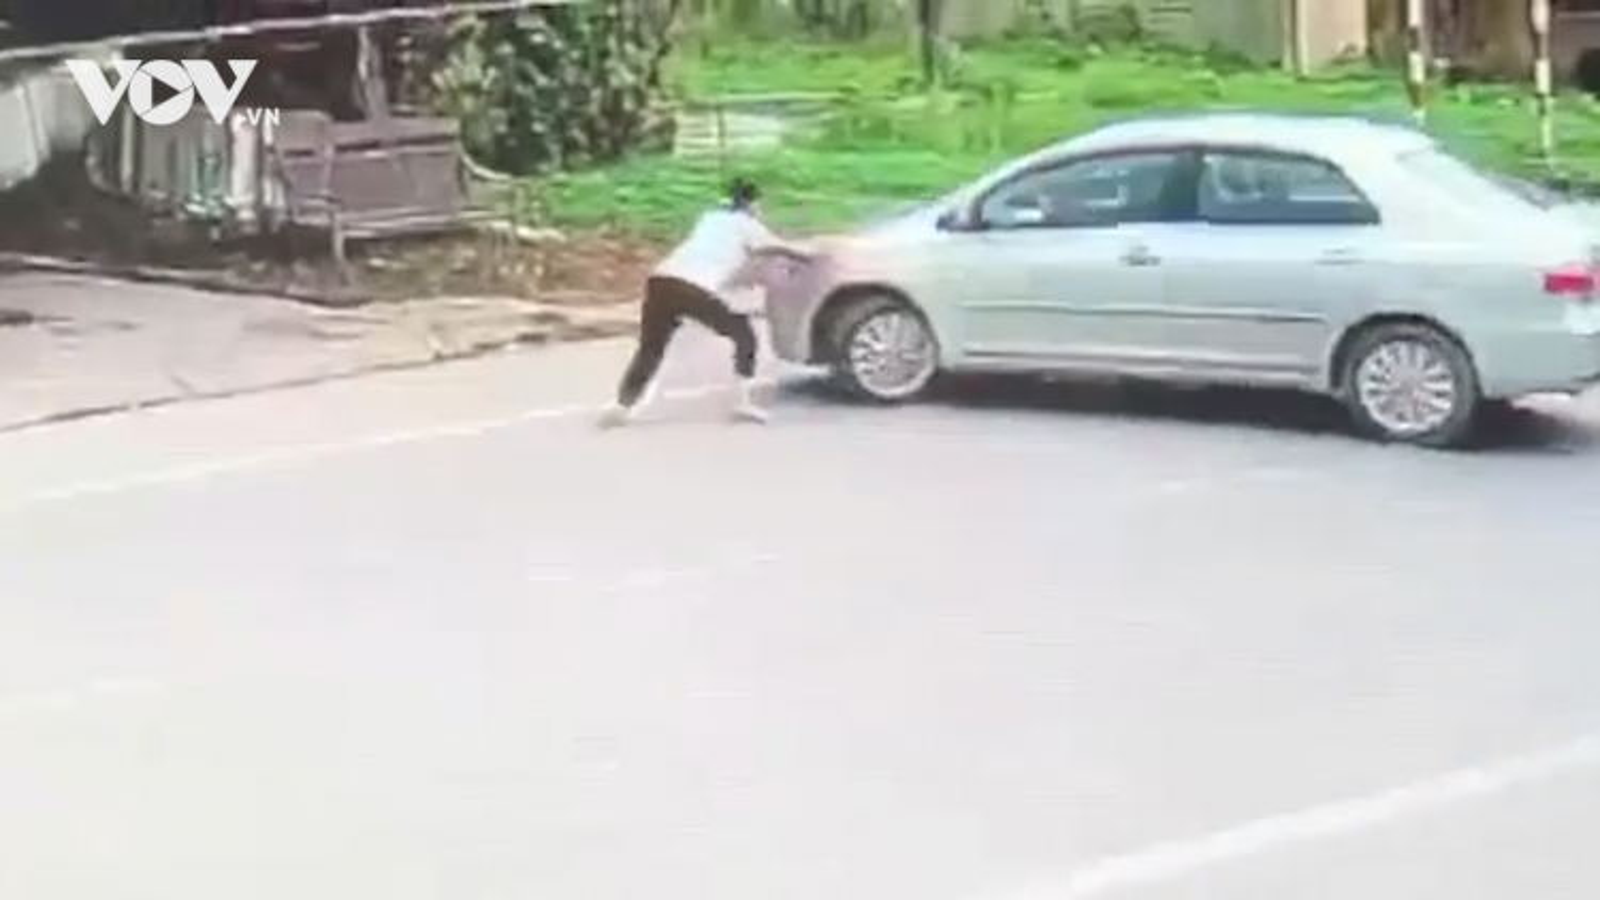 Thót tim cảnh bé gái chặn đầu xe ô tô của kẻ mua 2 két bia không trả tiền